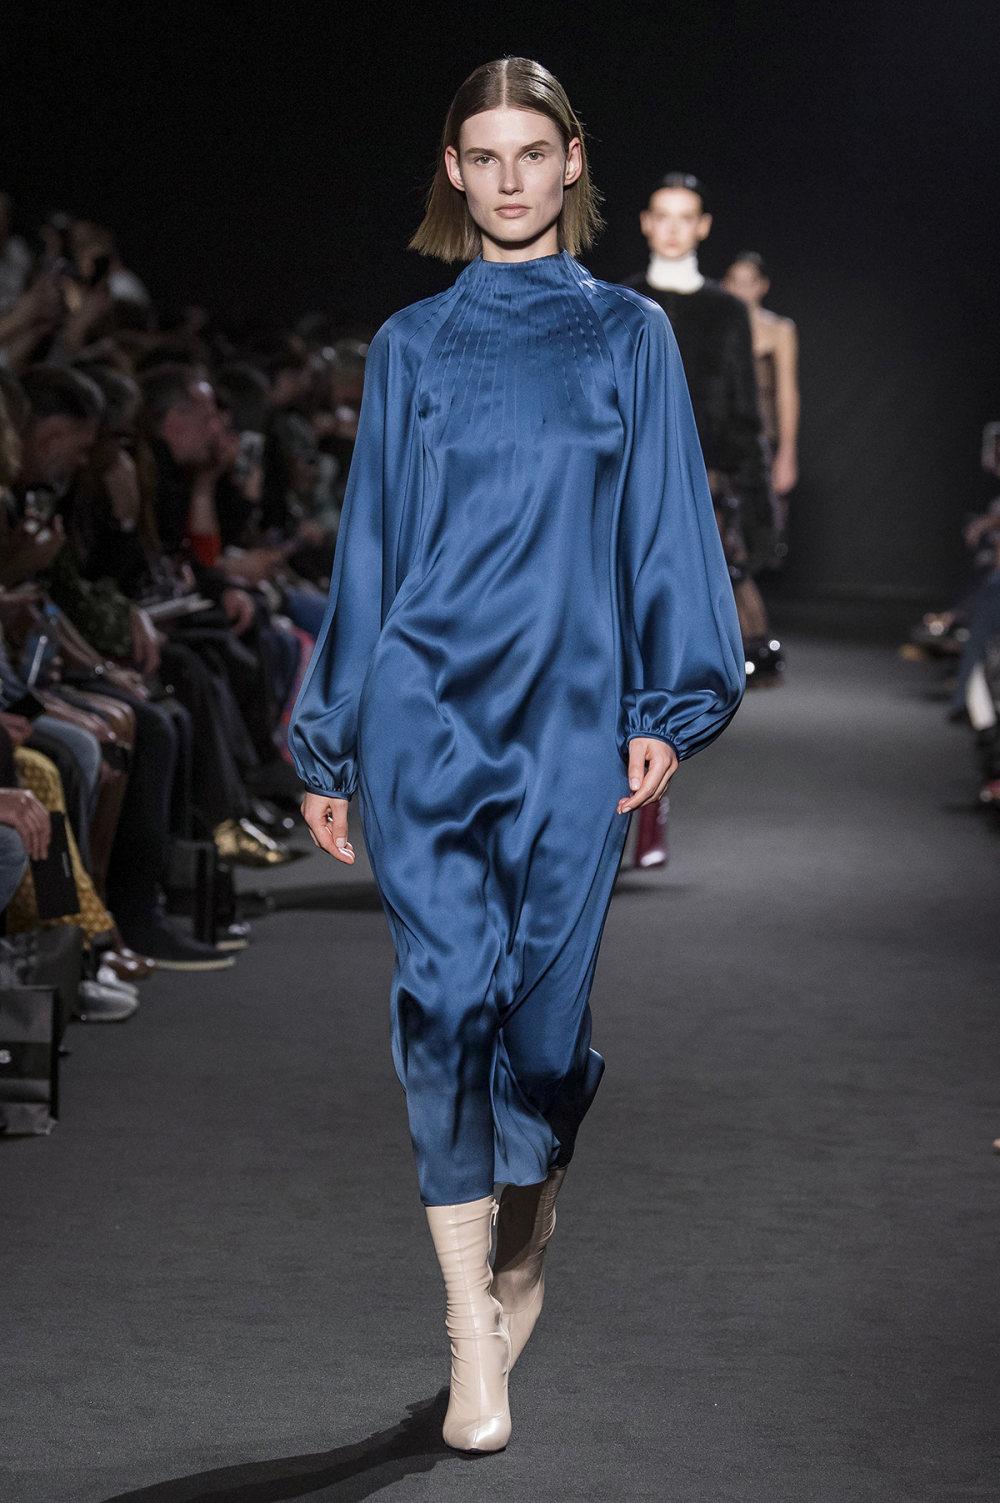 Rochas时装系列黑色无领斜纹软呢褶皱的黑色裙身饰有超细短袖衬衫-19.jpg